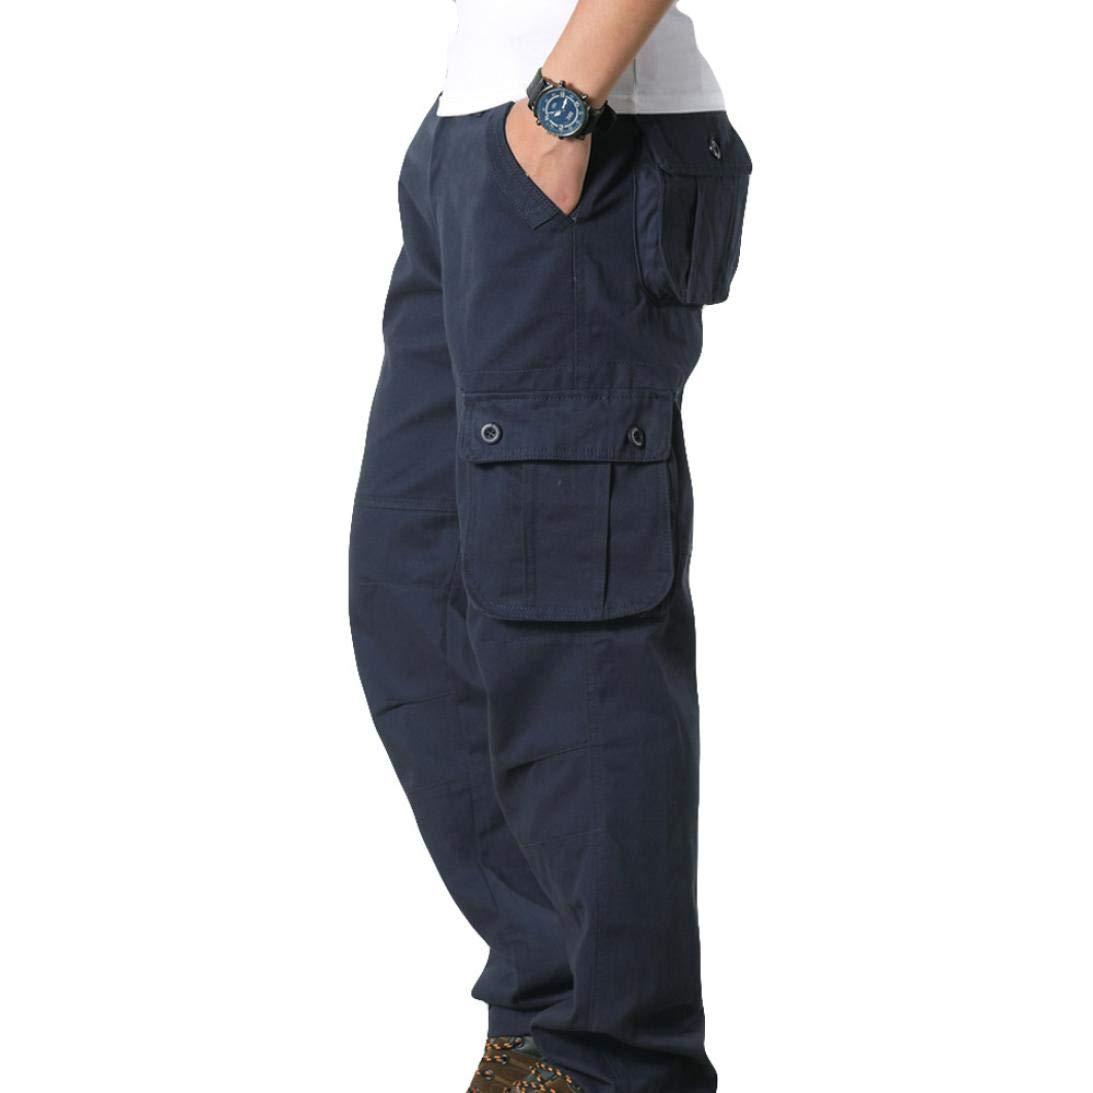 Logobeing Hombres Cargo Pants Pantalones Informales de Trabajo Casual de Bolsillo de Trabajo Deportivo Pantalón de Trabajo